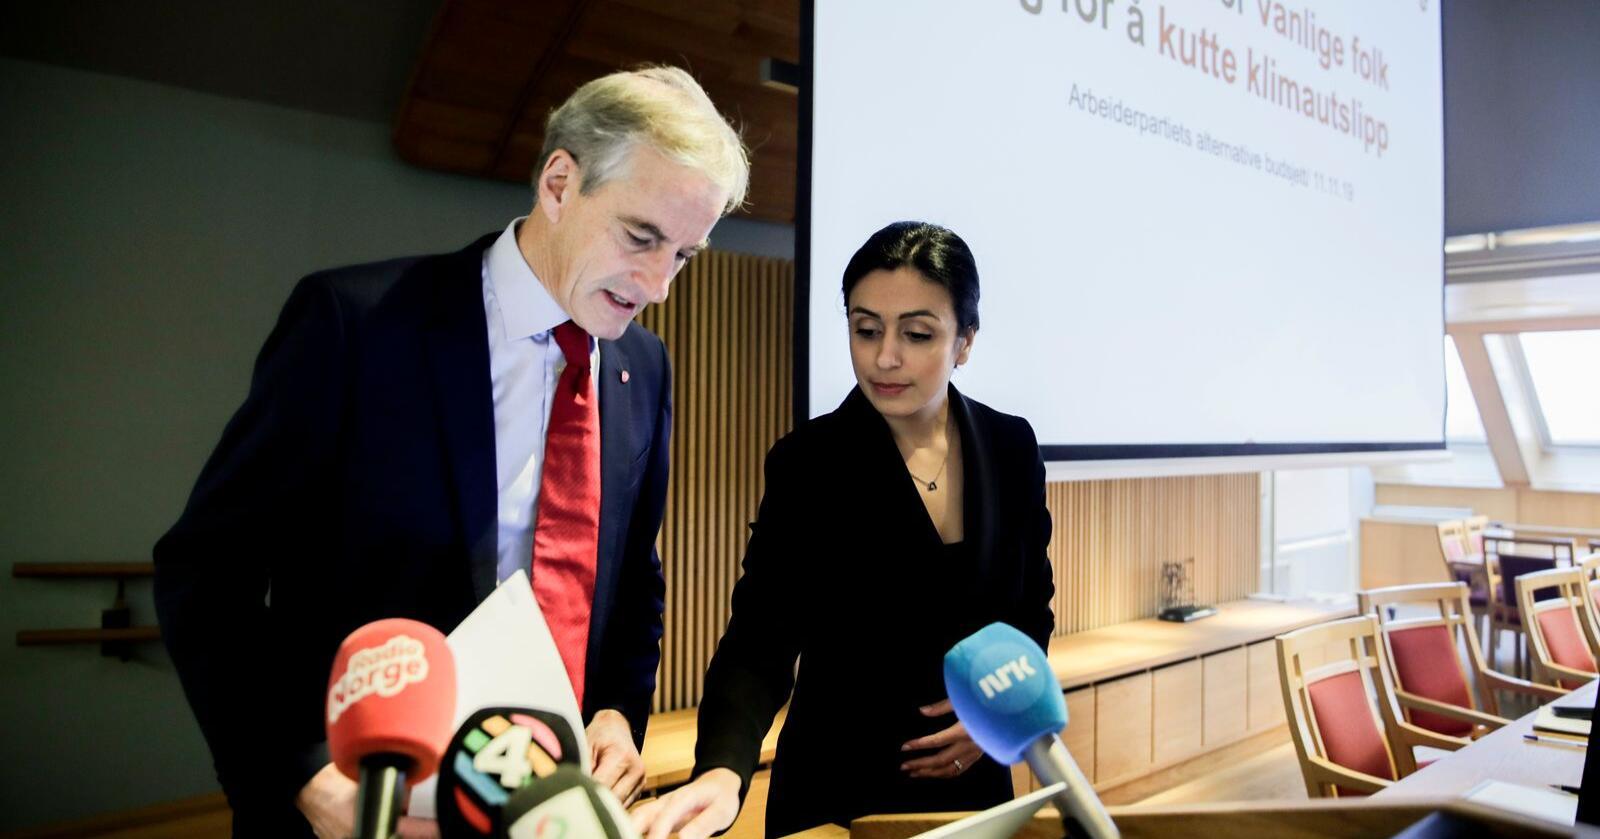 Ap-leder Jonas Gahr Støre (t.v.) og nestleder Hadia Tajik er blant dem som reagerer på Witzøes utspill. Her fra framleggelsen av alternativt budsjett i 2019. Foto: Vidar Ruud / NTB